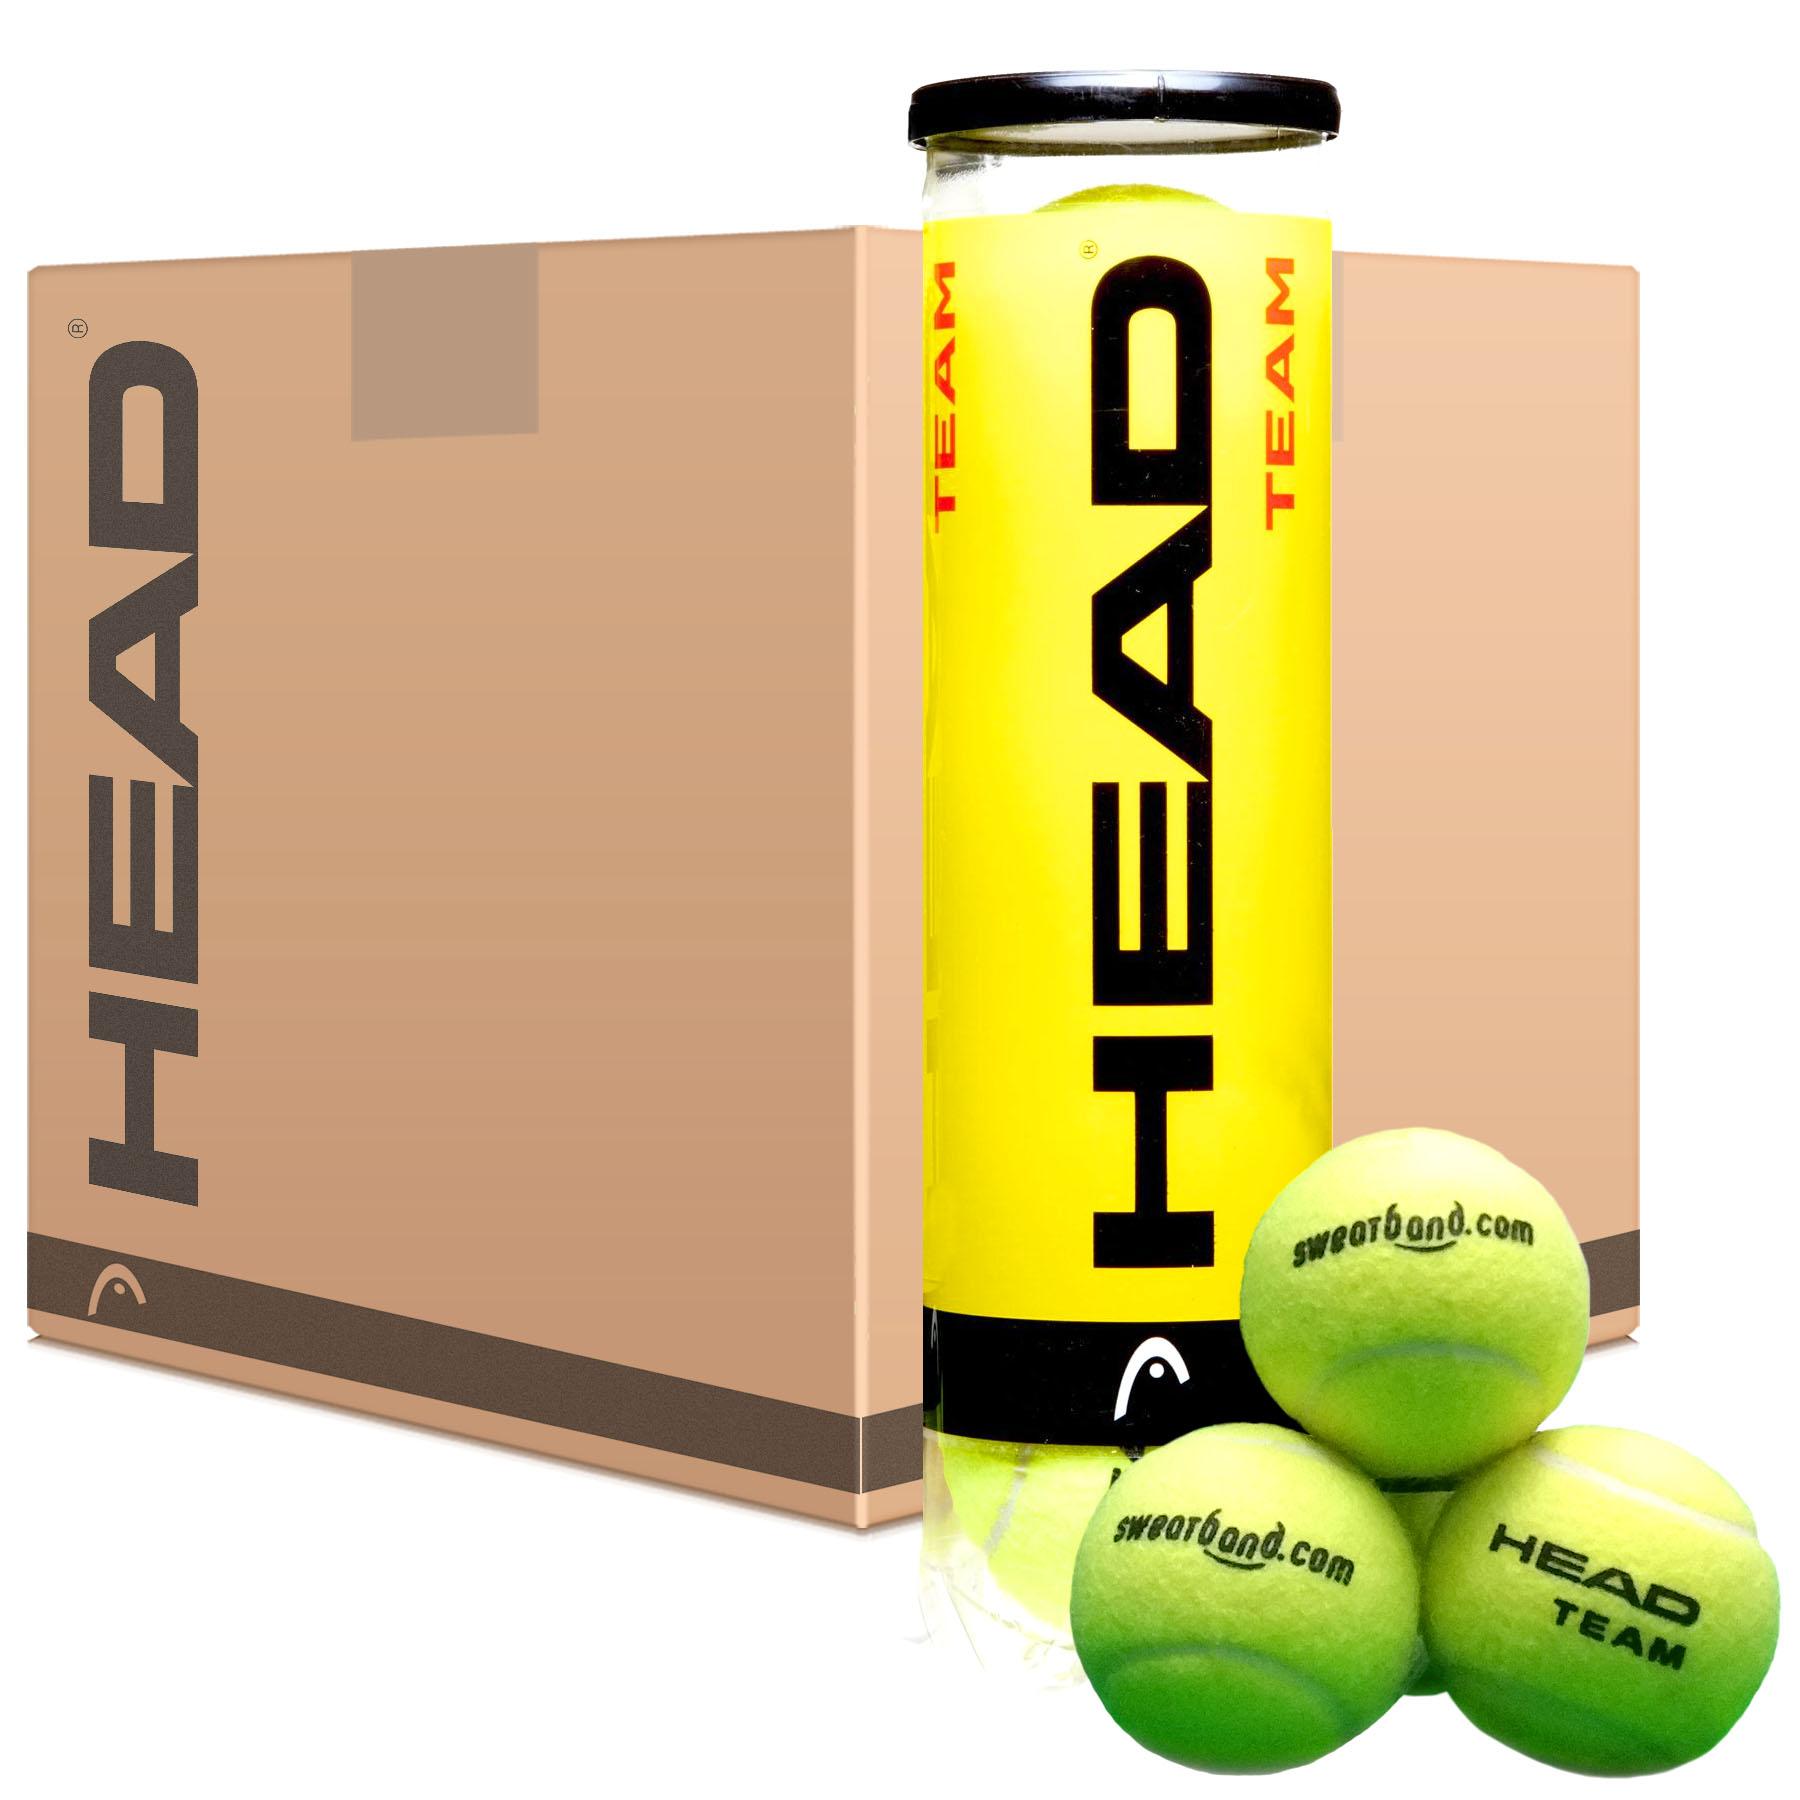 Sweatband.com  Head Team Tennis Balls  6 dozen